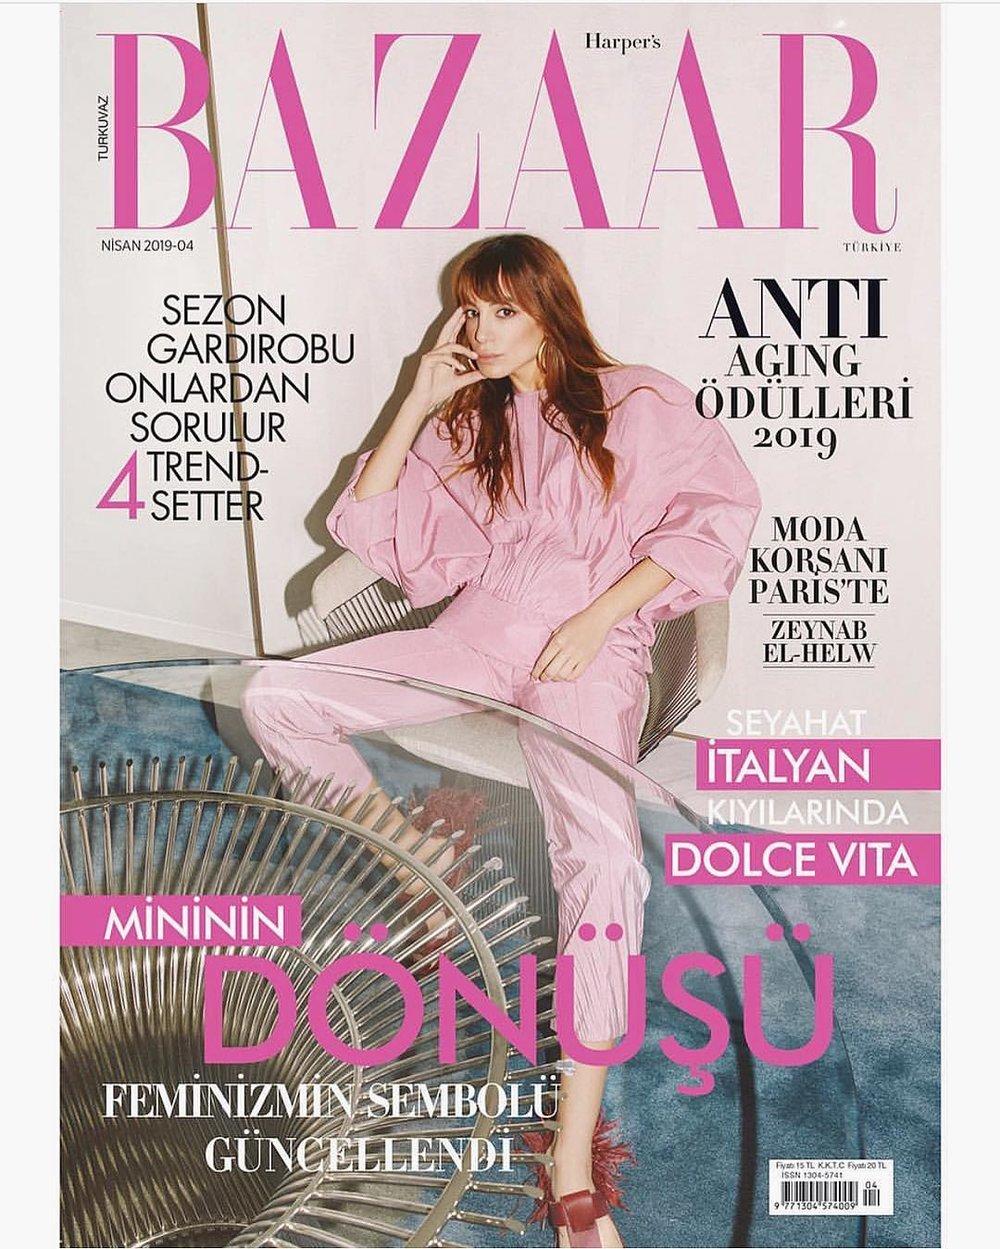 Fashion Pirate for Harper's Bazaar Turkey